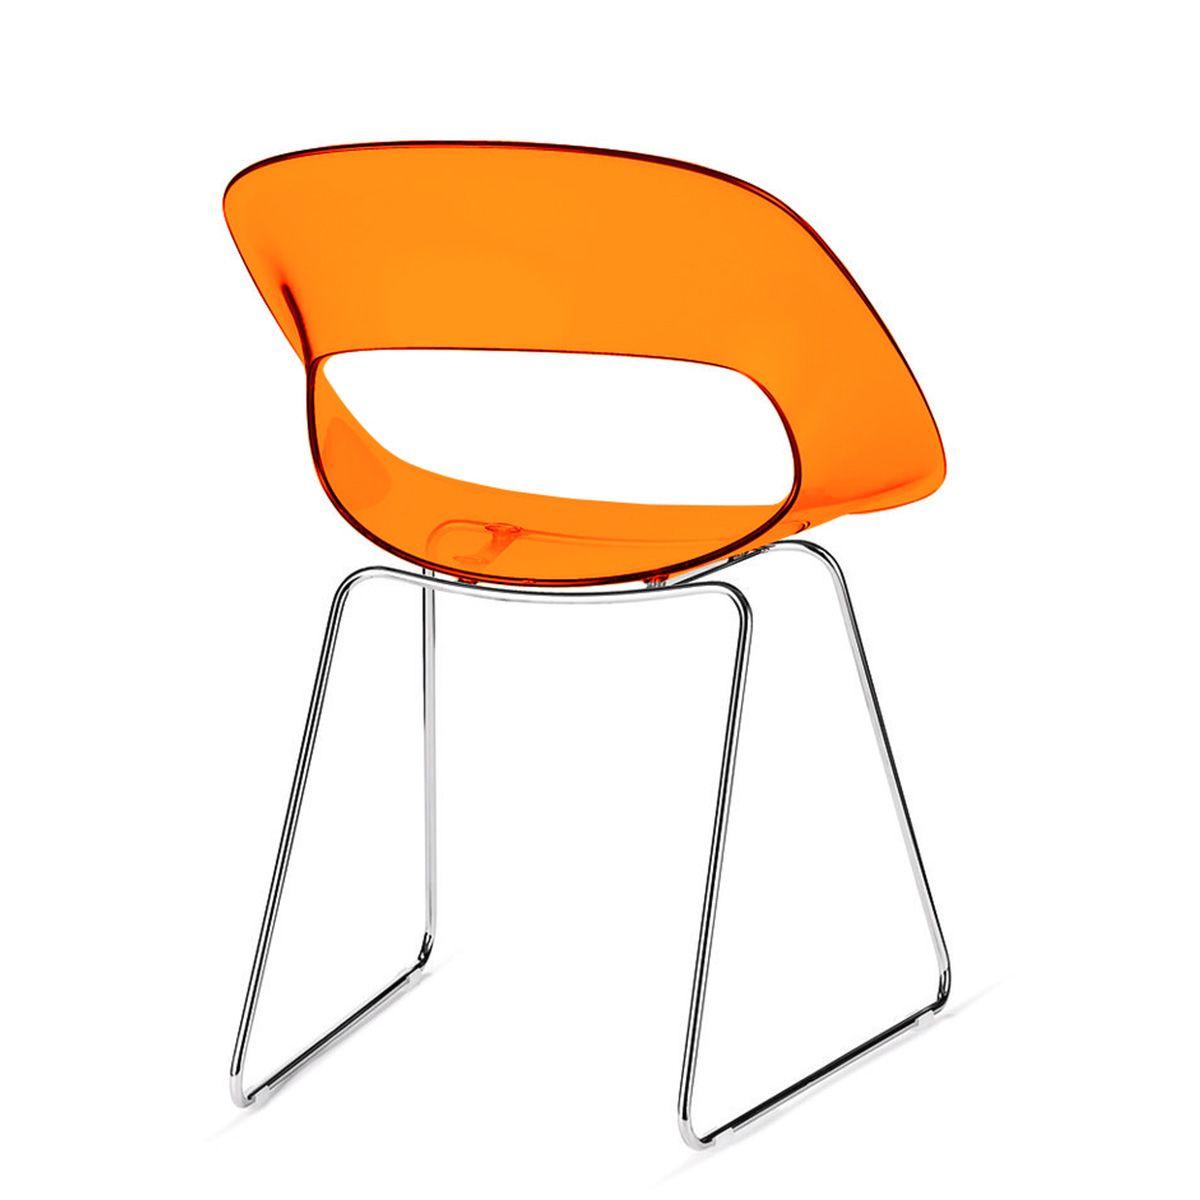 Sedia hitech Hill SL arancione in acrilico trasparente. Sedia di ...